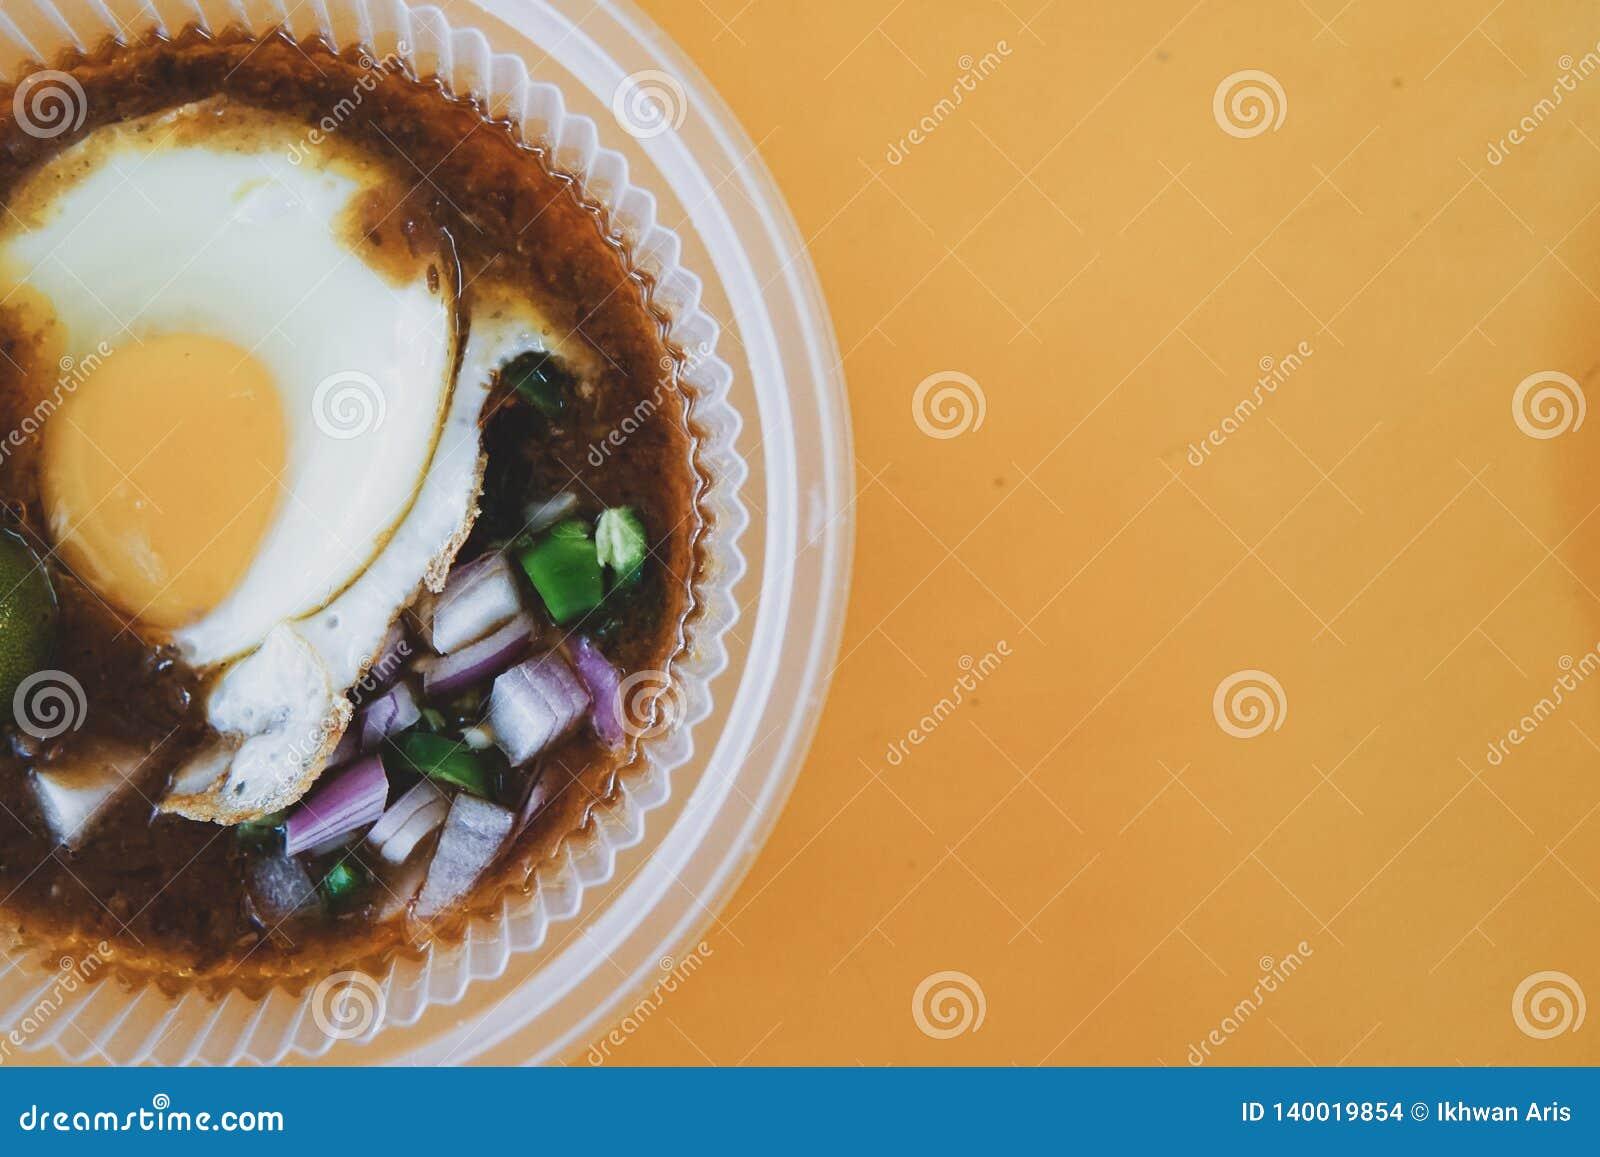 A particulièrement fait le pain grillé avec de la sauce à haricot servie avec l oeuf, populaire dans l état de Johor en Malaisie